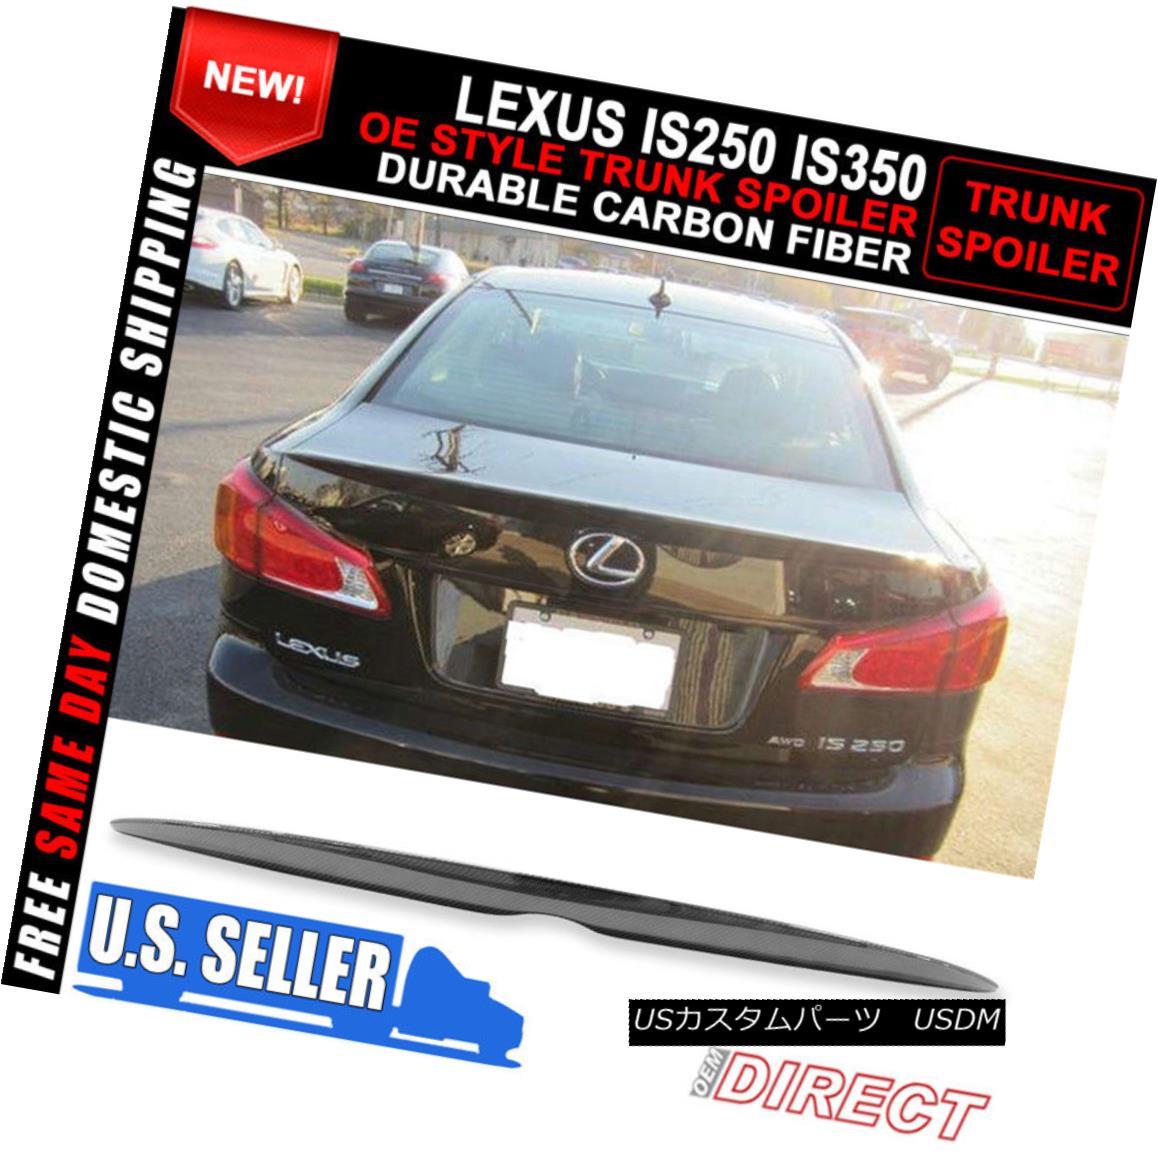 エアロパーツ For 06-13 Lexus Is250 Is350 4Dr OE Style Carbon Fiber CF Trunk Spoiler 06-13レクサスIs250 Is350 4Dr OEスタイルカーボンファイバーCFトランク・スポイラー